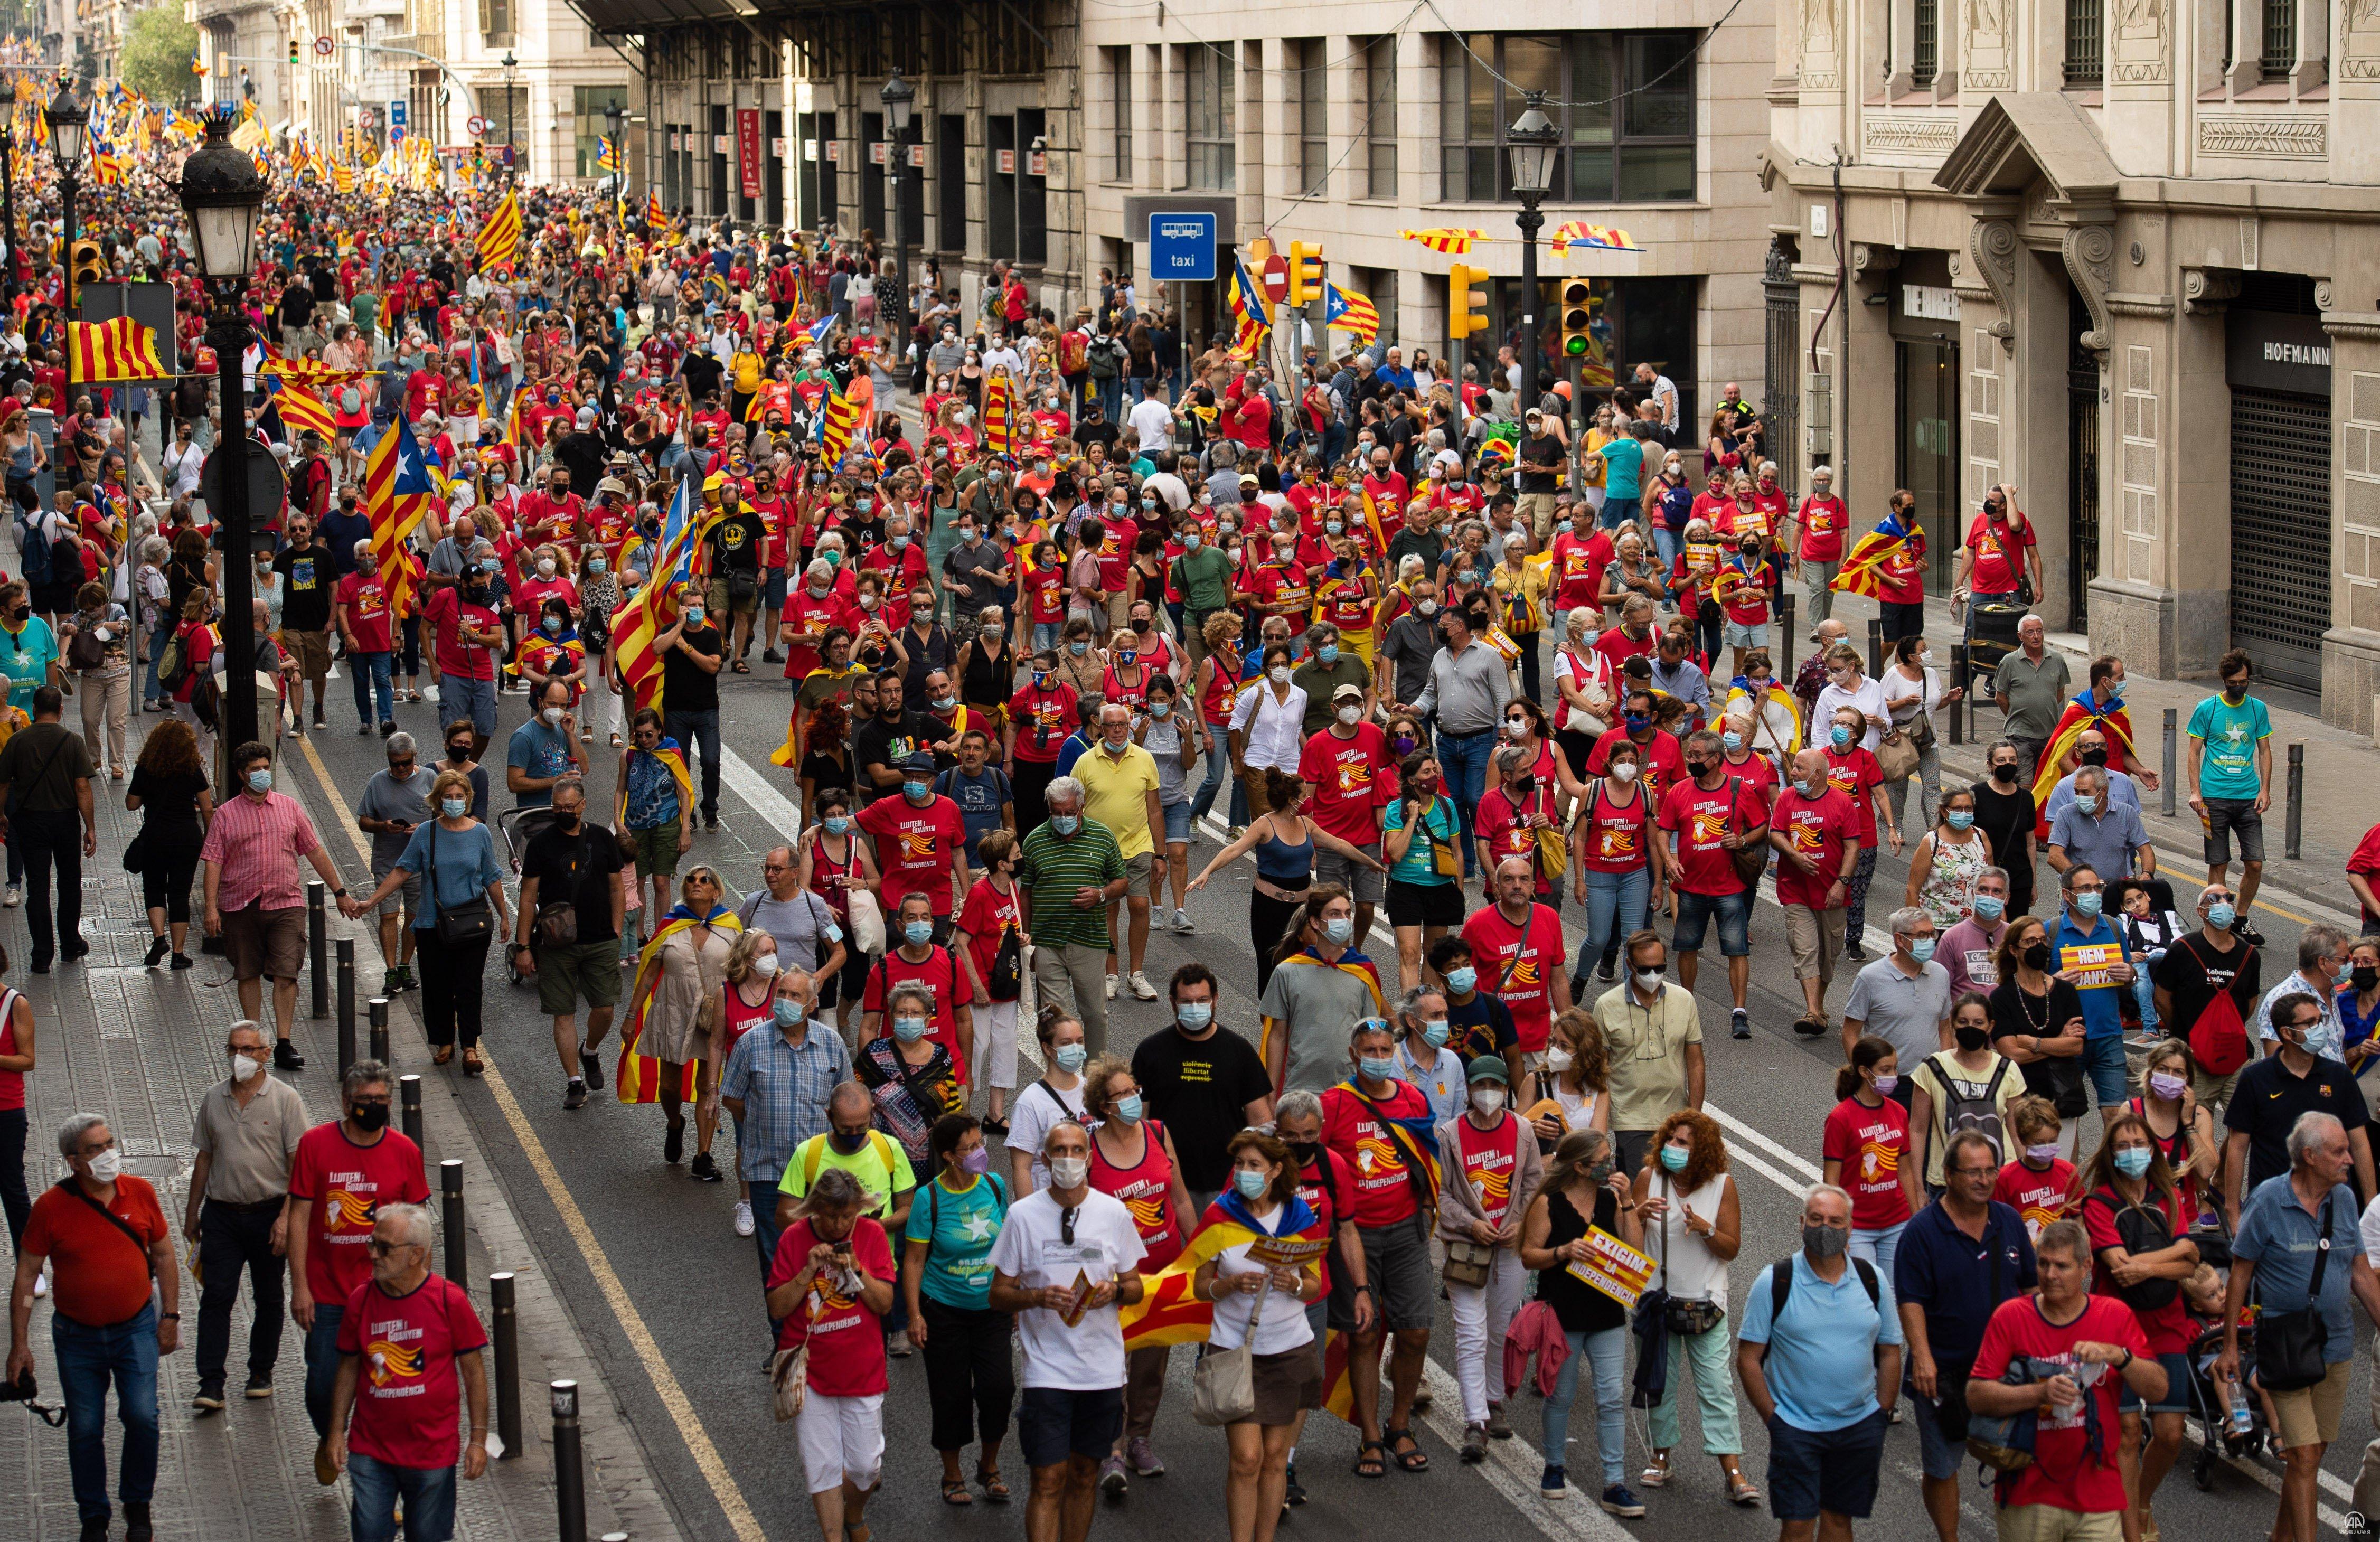 Katalonya milli günü son 10 yıldır olduğu gibi bu günde bağımsızlık yanlısı girişimlere sahne oldu